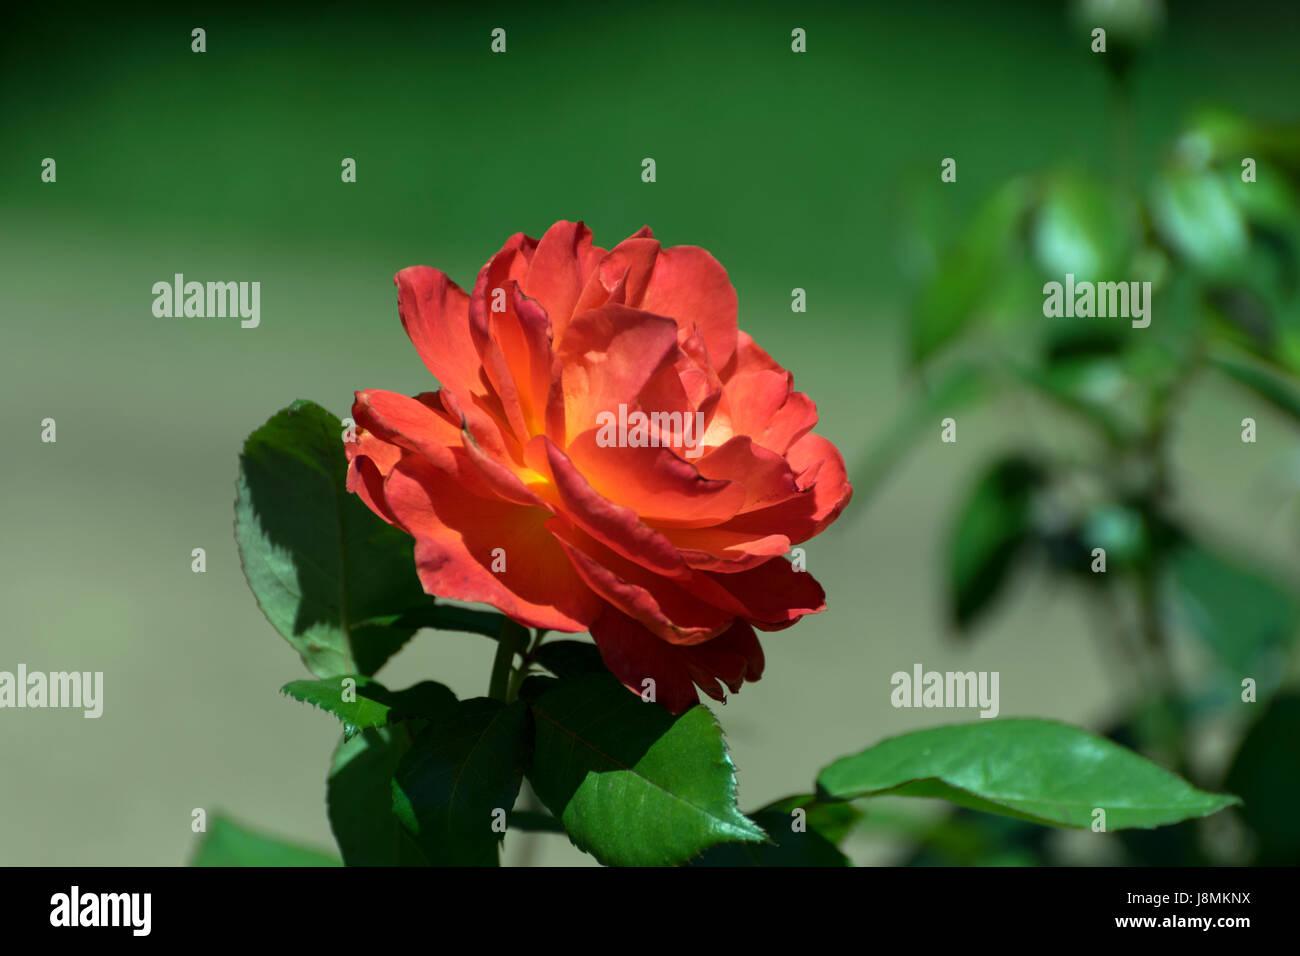 Vista lateral de una hermosa rosa roja y naranja en plena floración ...